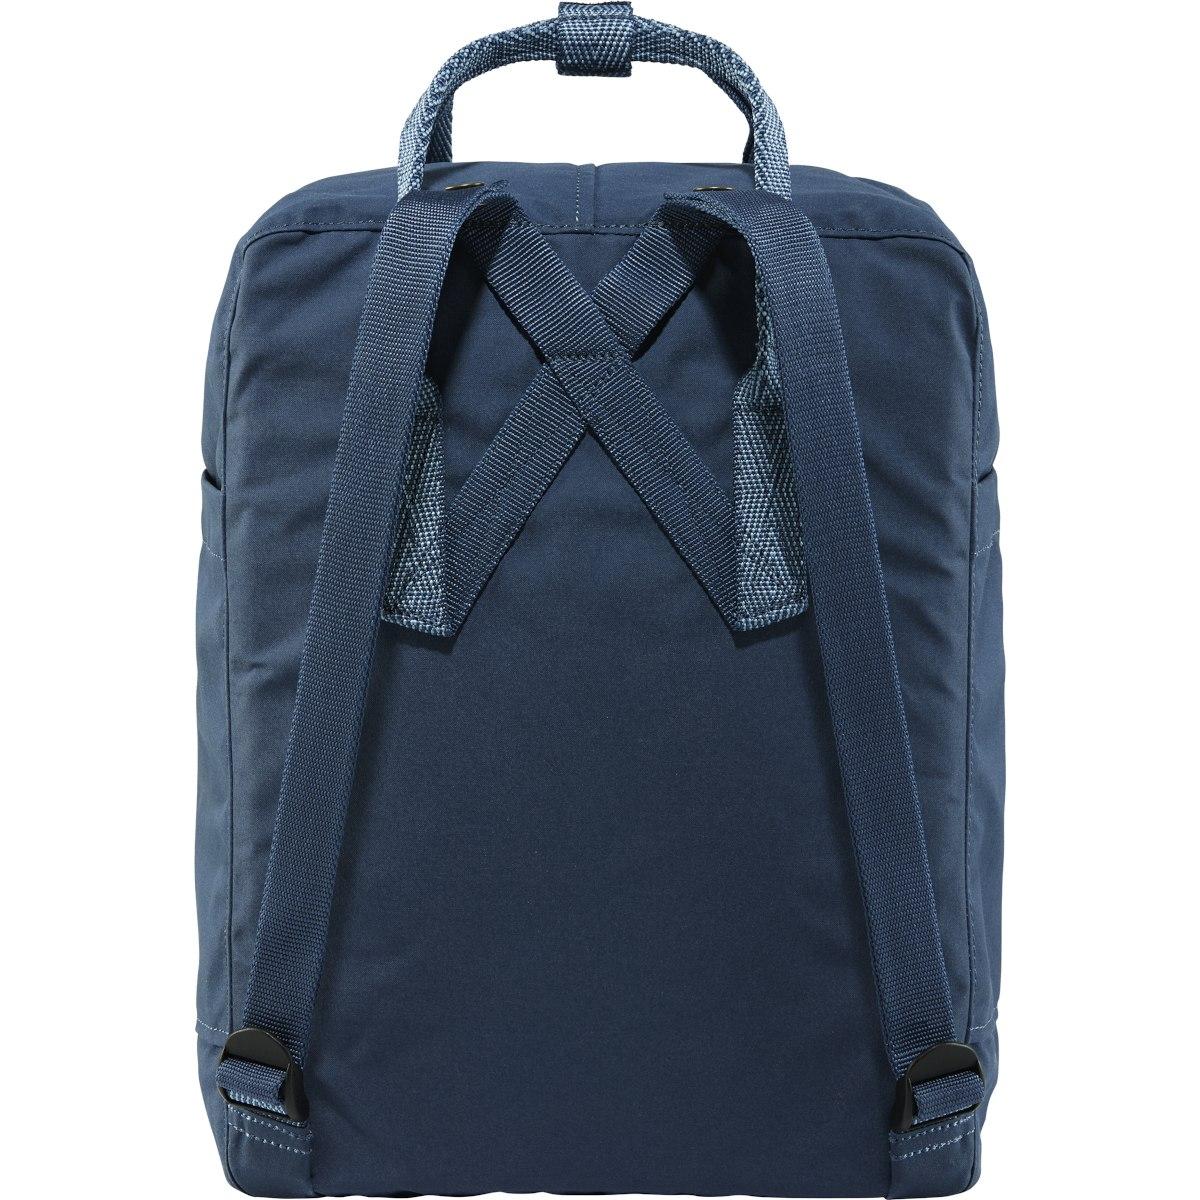 Image of Fjällräven Kanken Backpack - royal blue-goose eye